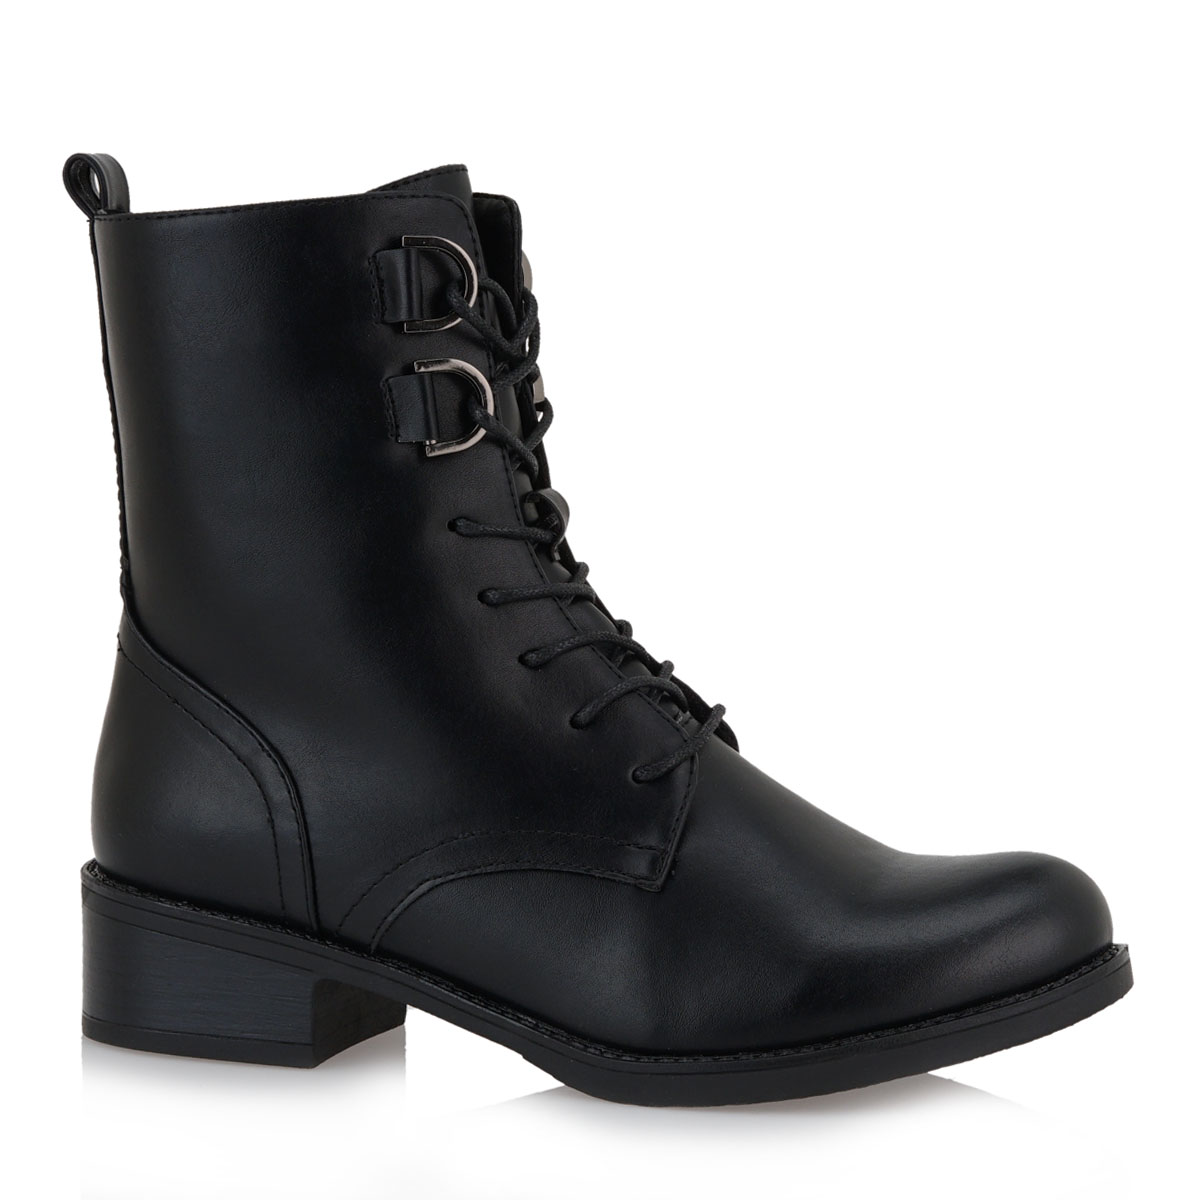 Γυναικείο μποτάκι μαύρο EXE L334Υ7162001